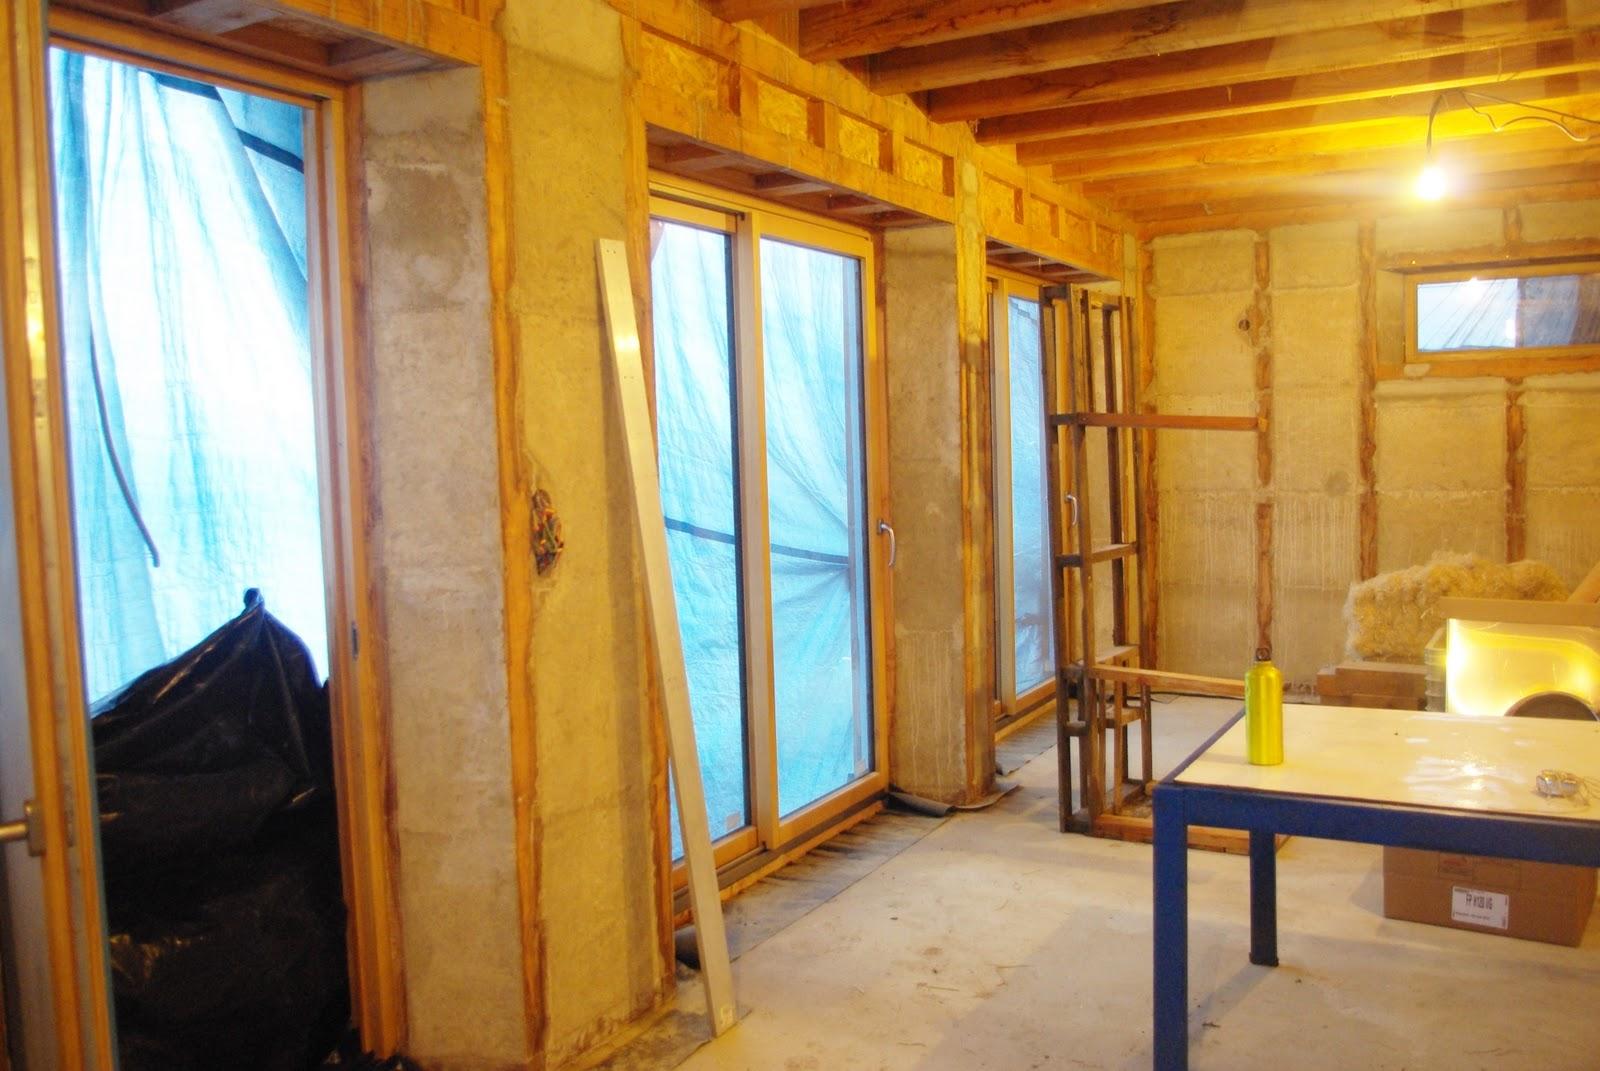 Notre maison ossature bois isolation paille pose des - Isolation exterieure ossature bois ...